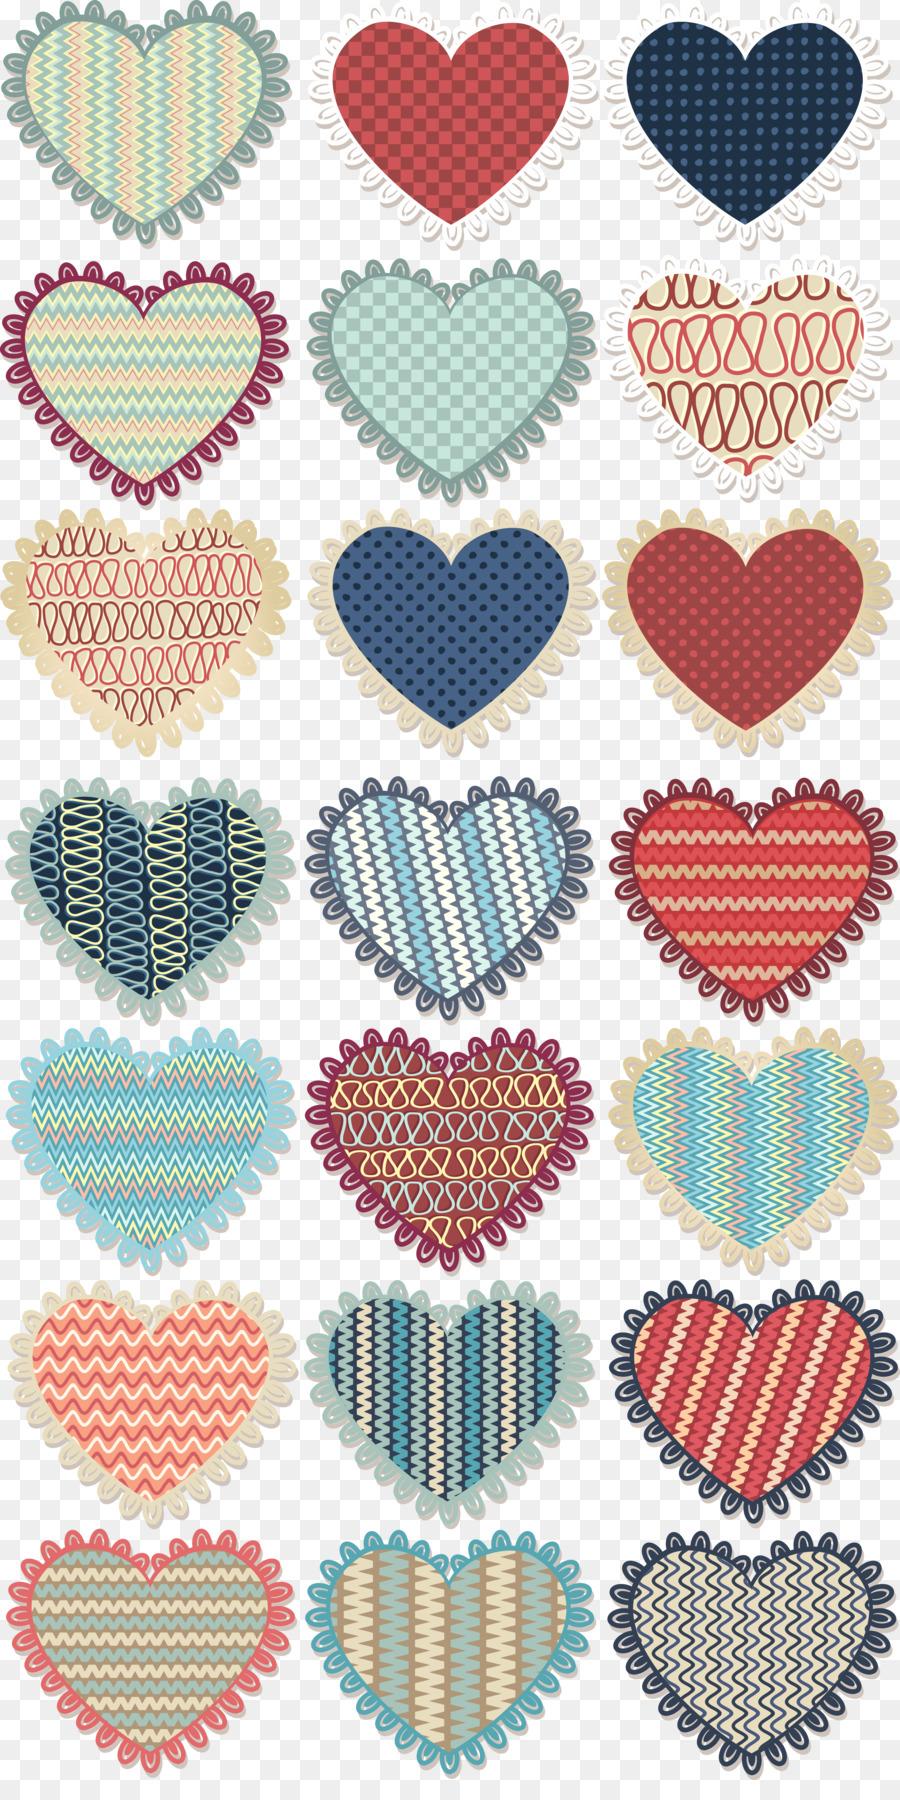 Descarga gratuita de Corazón, Descargar, El Día De San Valentín imágenes PNG